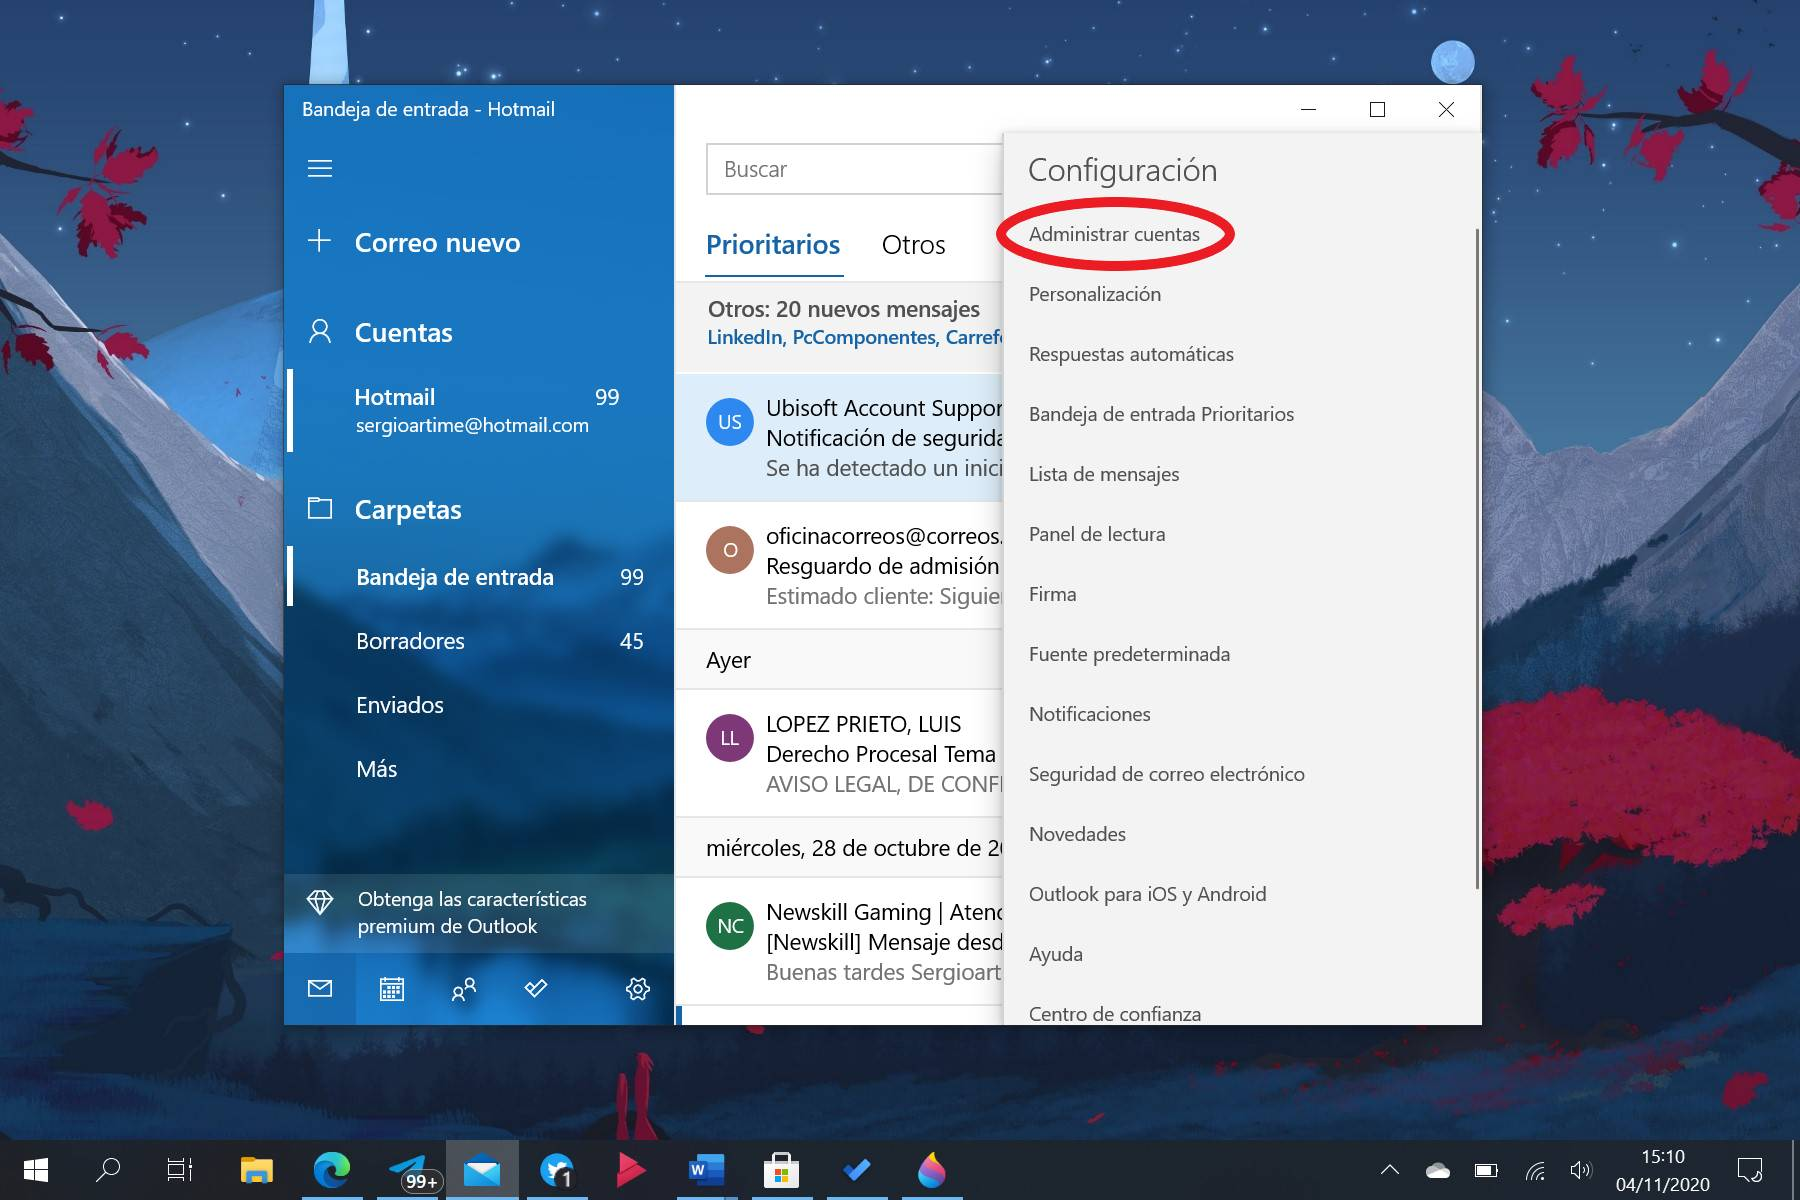 Administrar cuentas del Correo de Windows 10